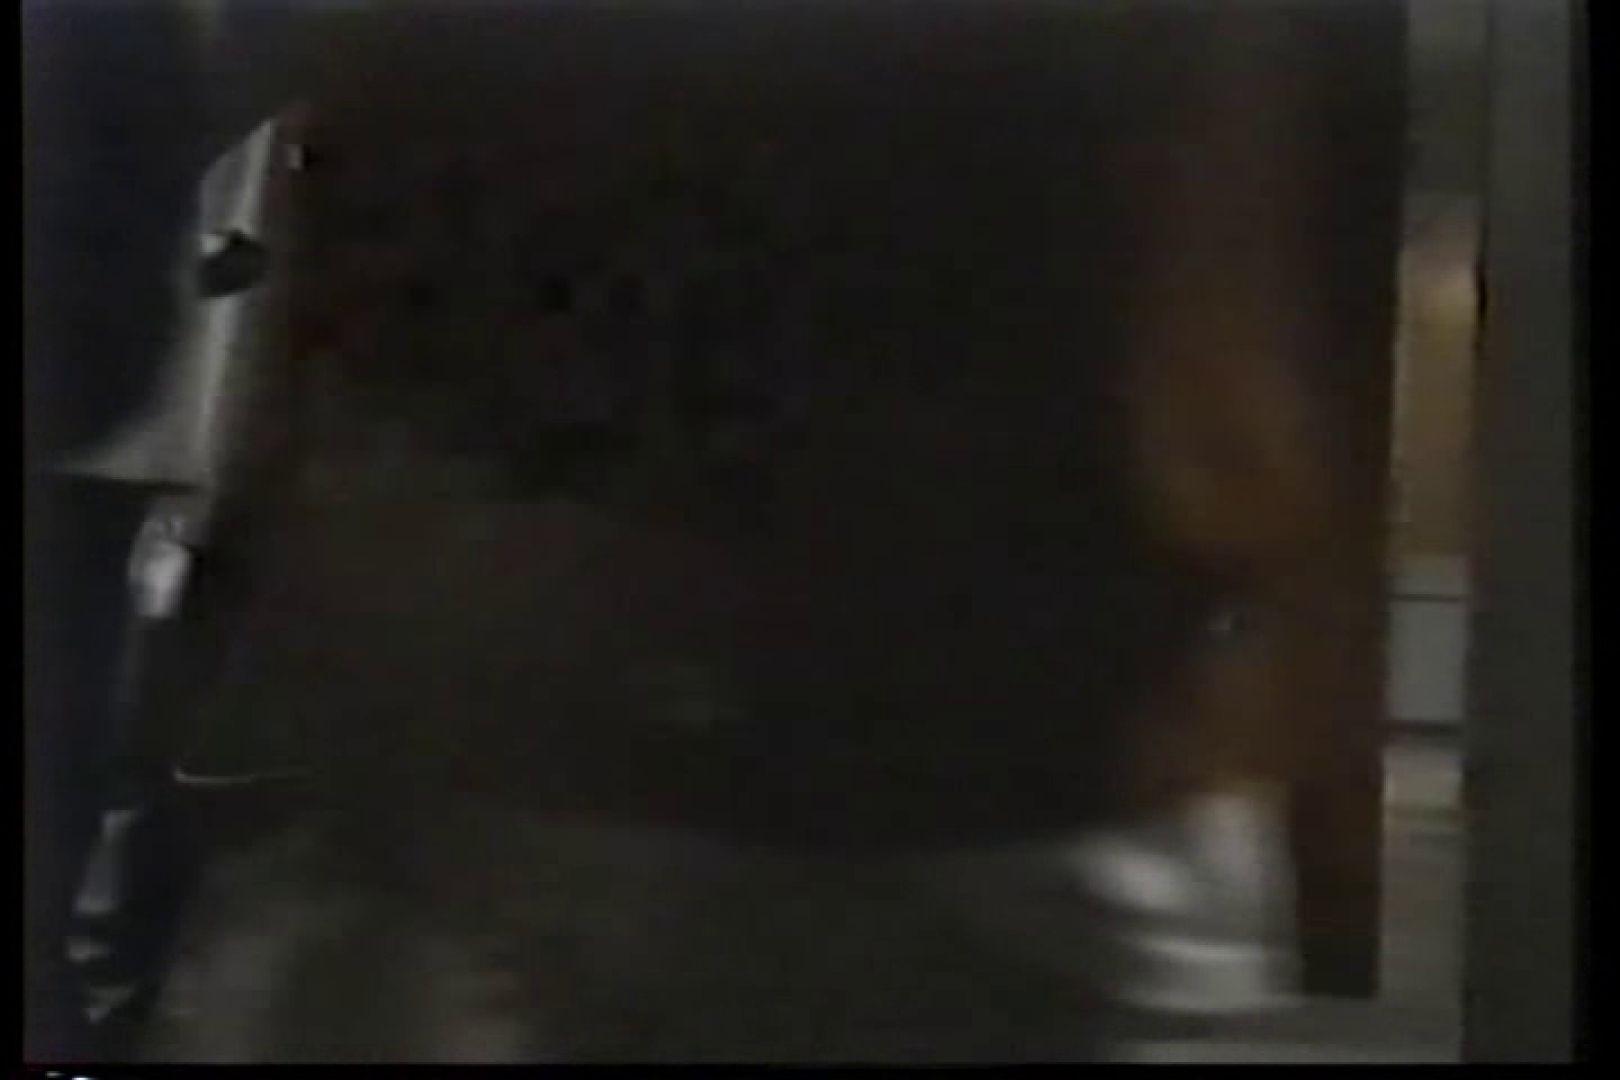 洋人さんの脱衣所を覗いてみました。VOL.3 のぞき  38pic 32